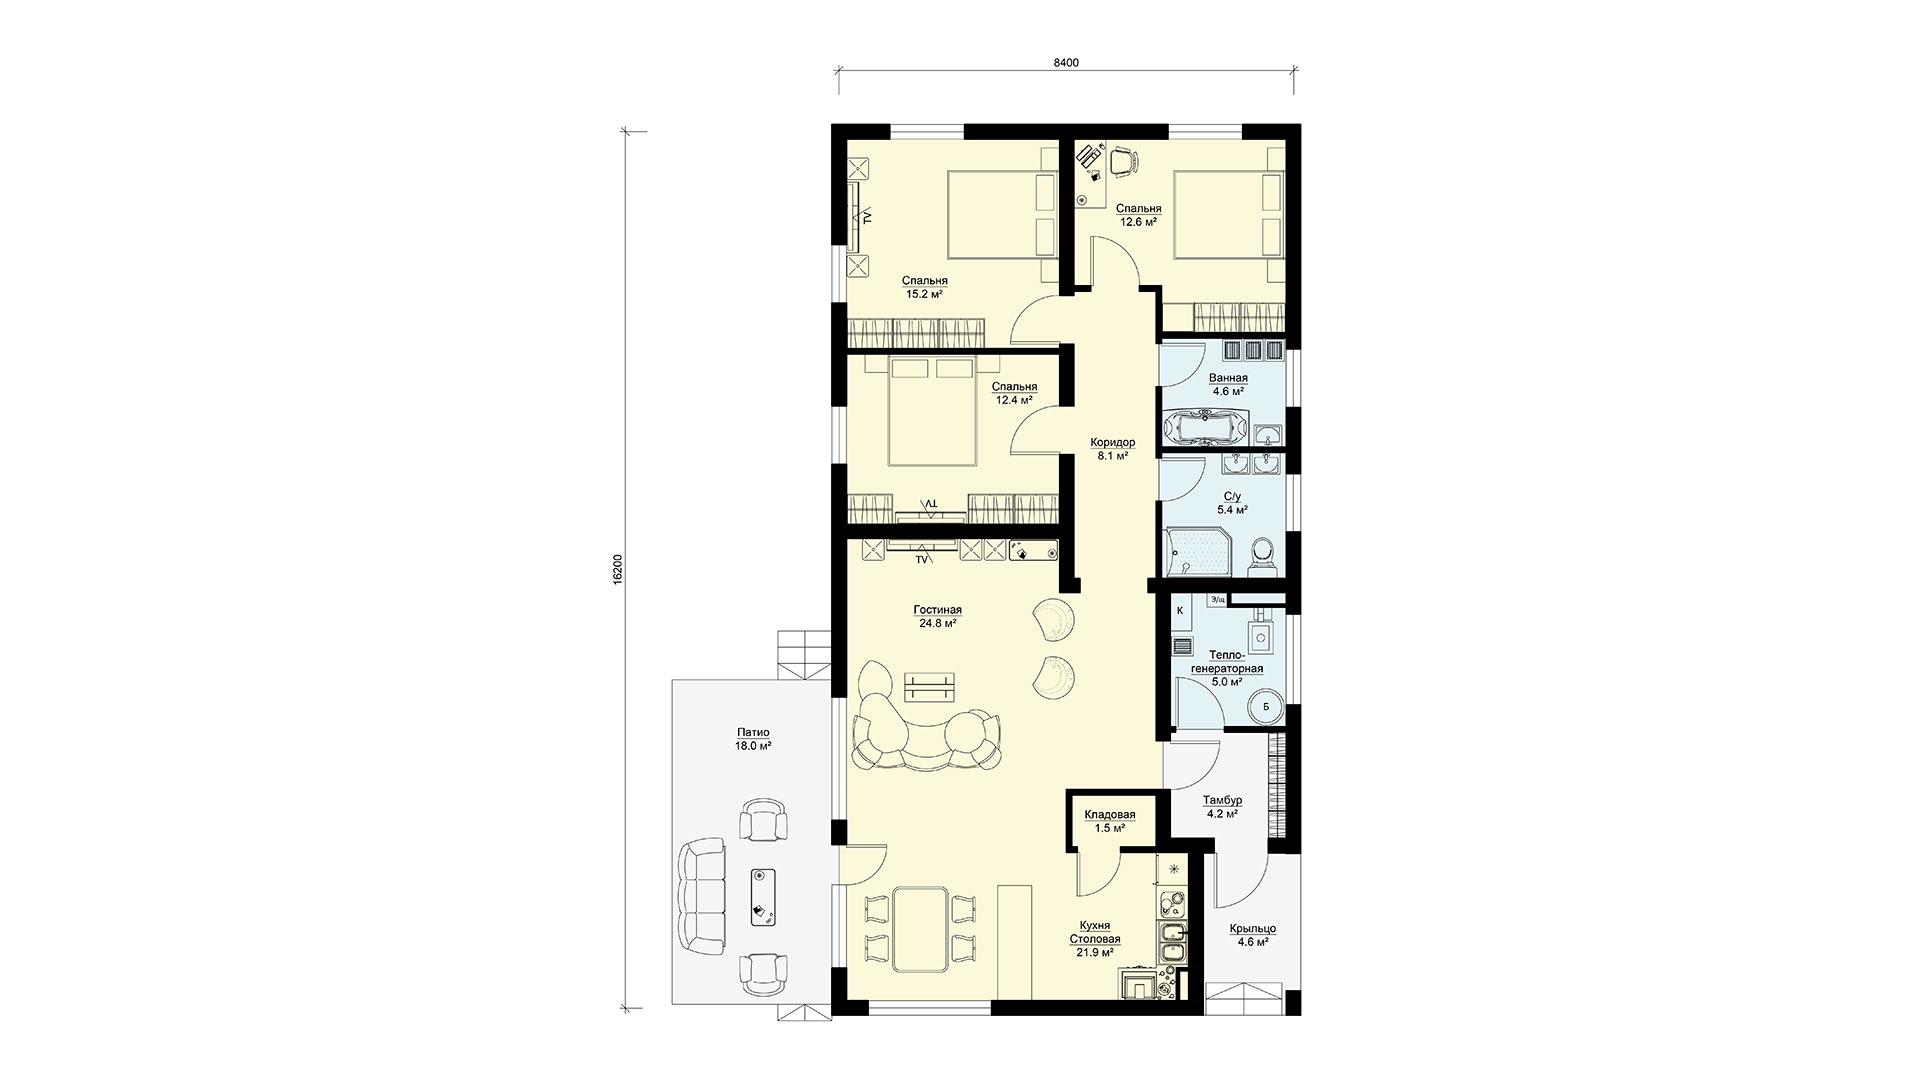 План первого этажа загородного дома БП-138 в коттеджном поселке Берег Песочной в Подмосковье в Истринском районе.